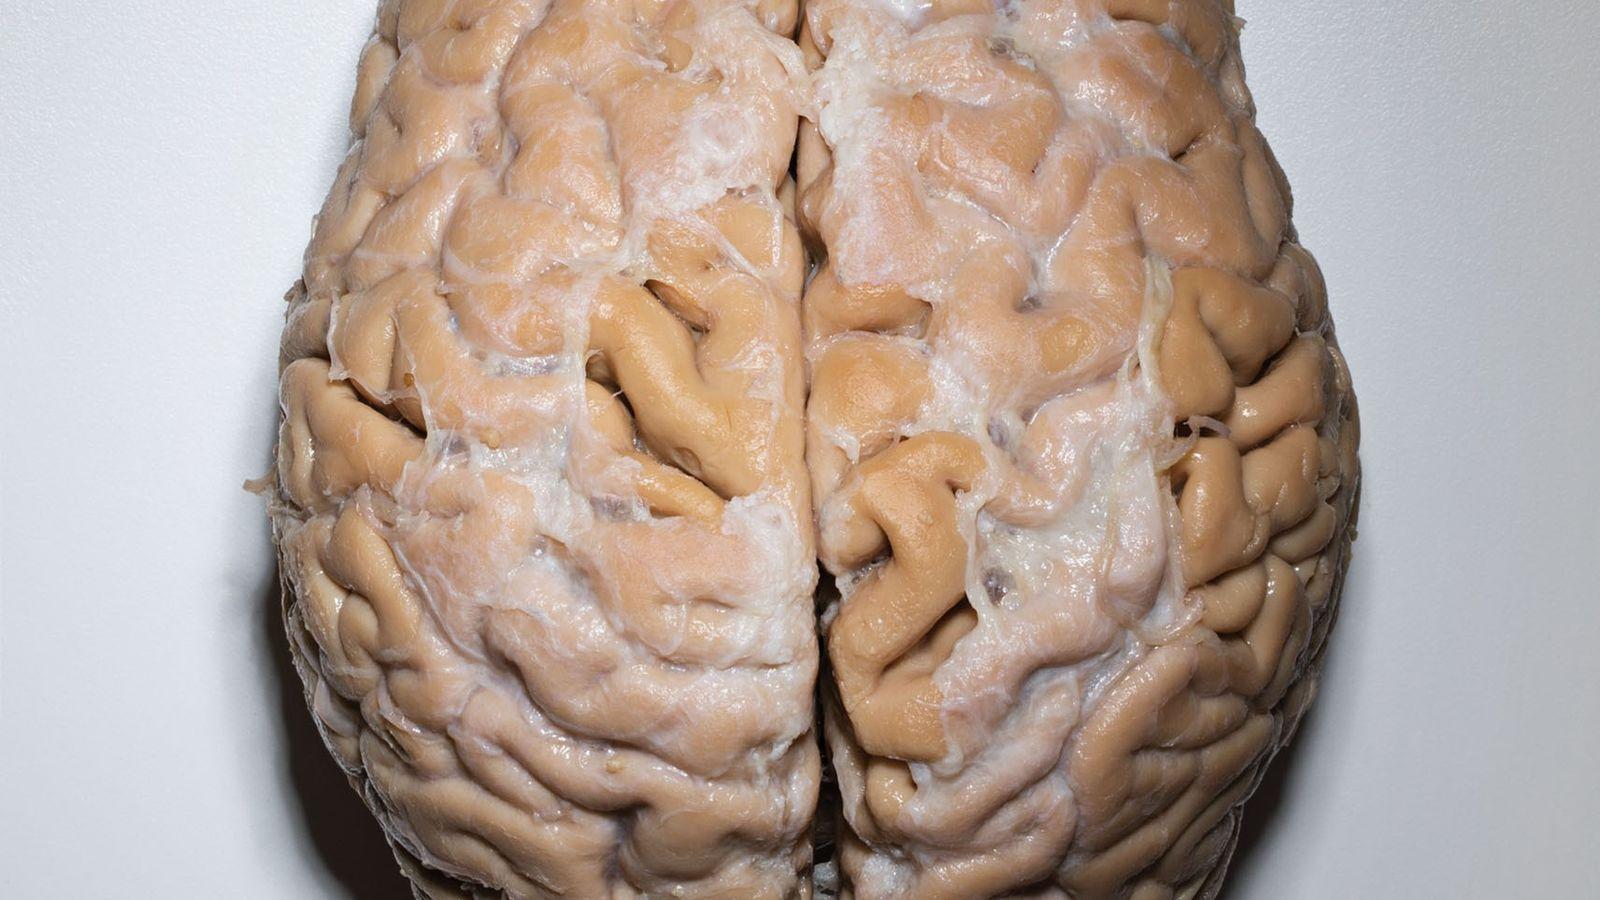 Ce cerveau, donné par un homme de 101 ans, est plus gros que la moyenne pour ...